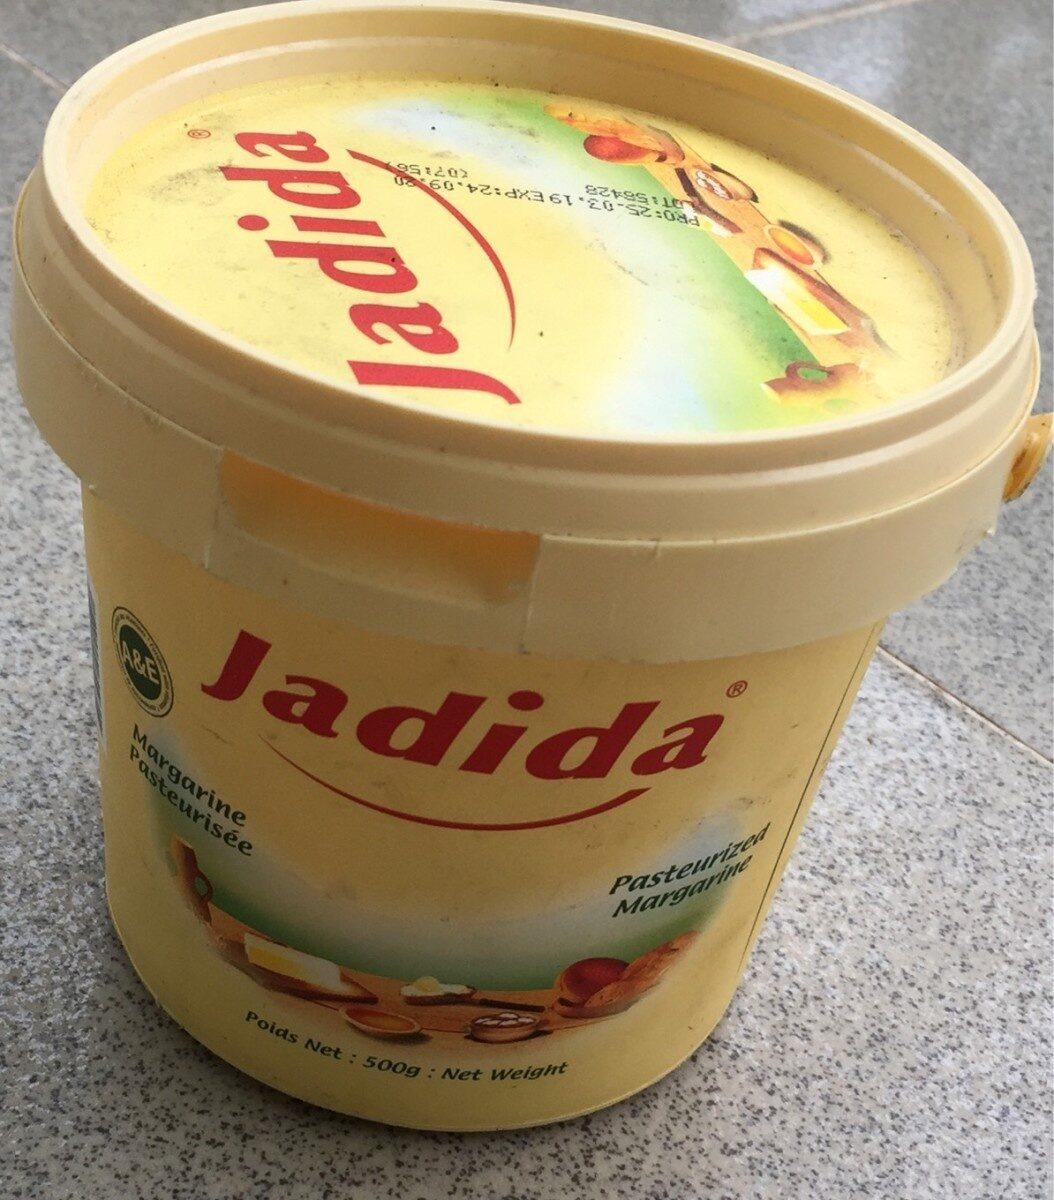 Jadida - Product